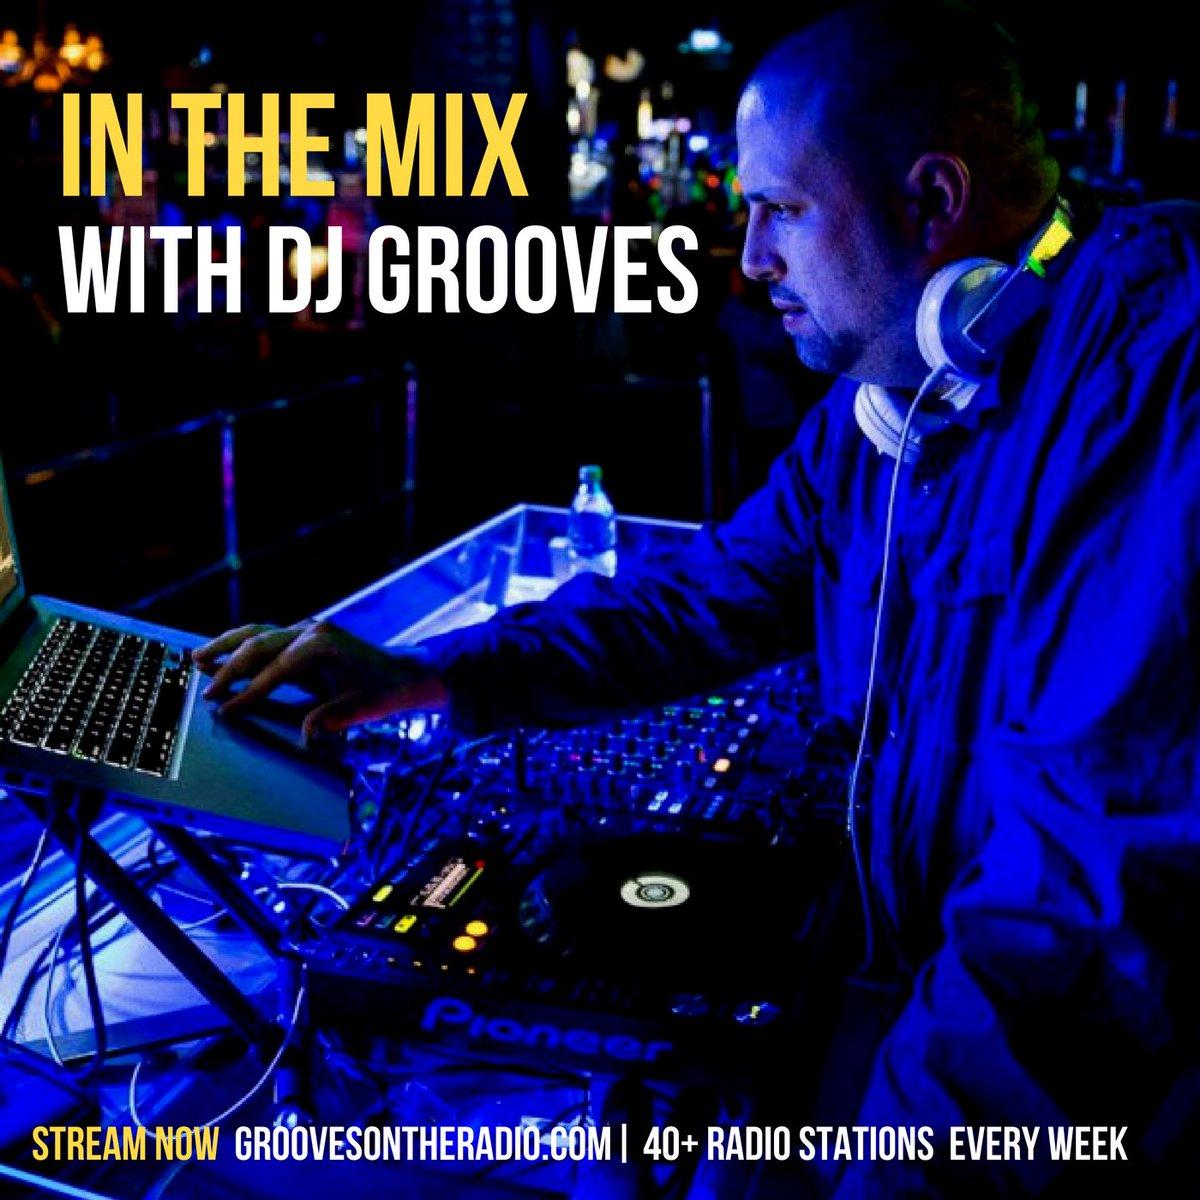 DJ Grooves on Twitter: